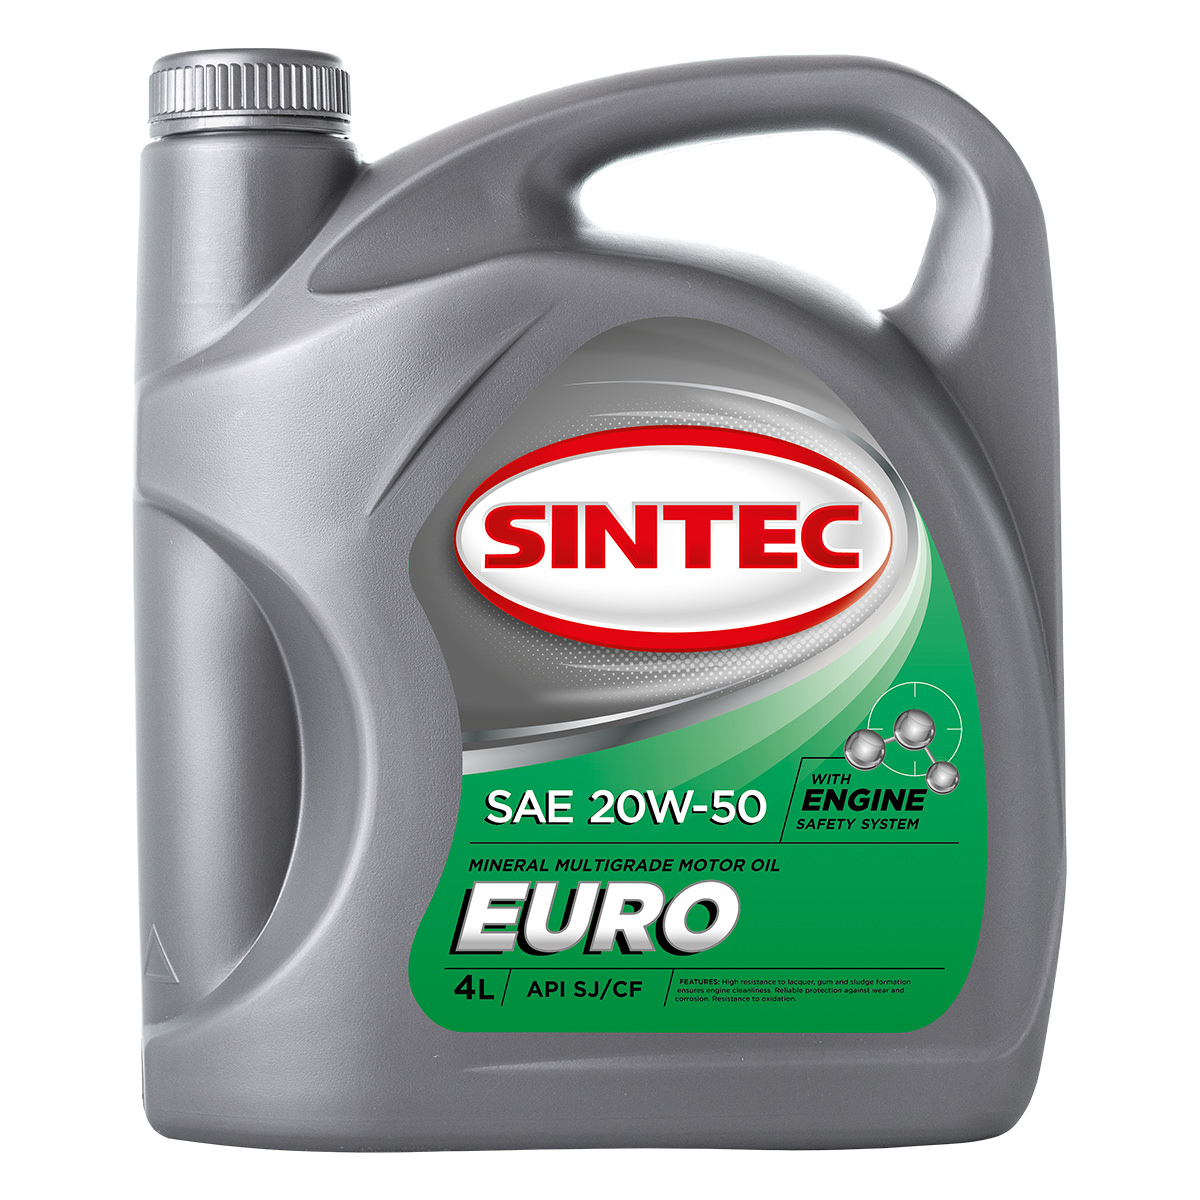 SINTEC EURO SAE 20W-50 API SJ/CF